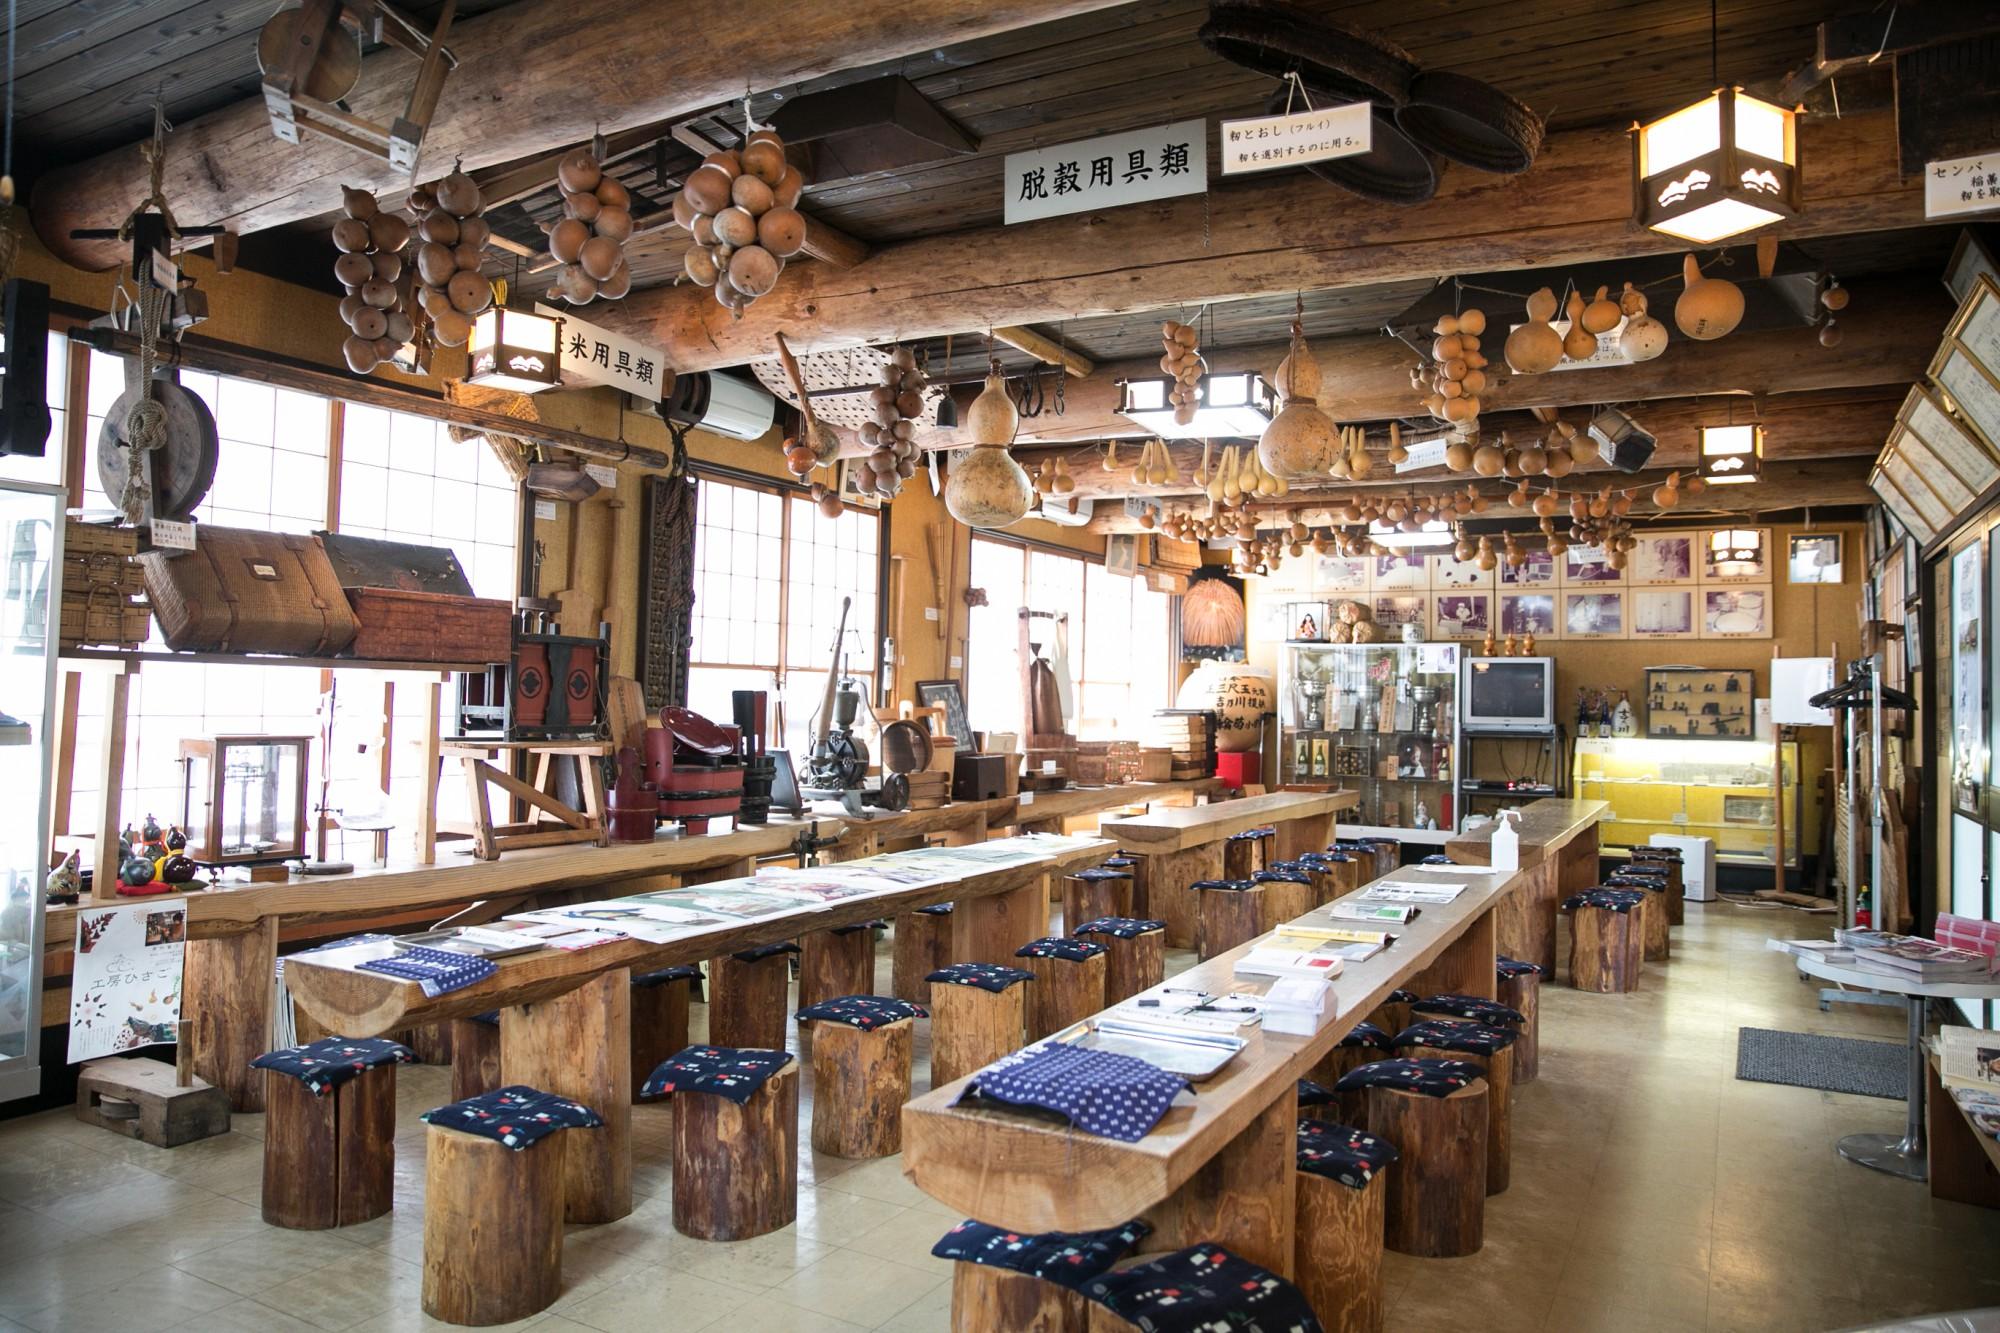 「瓢亭」の天井には、吉乃川のシンボルである瓢箪(ひょうたん)がたくさん。